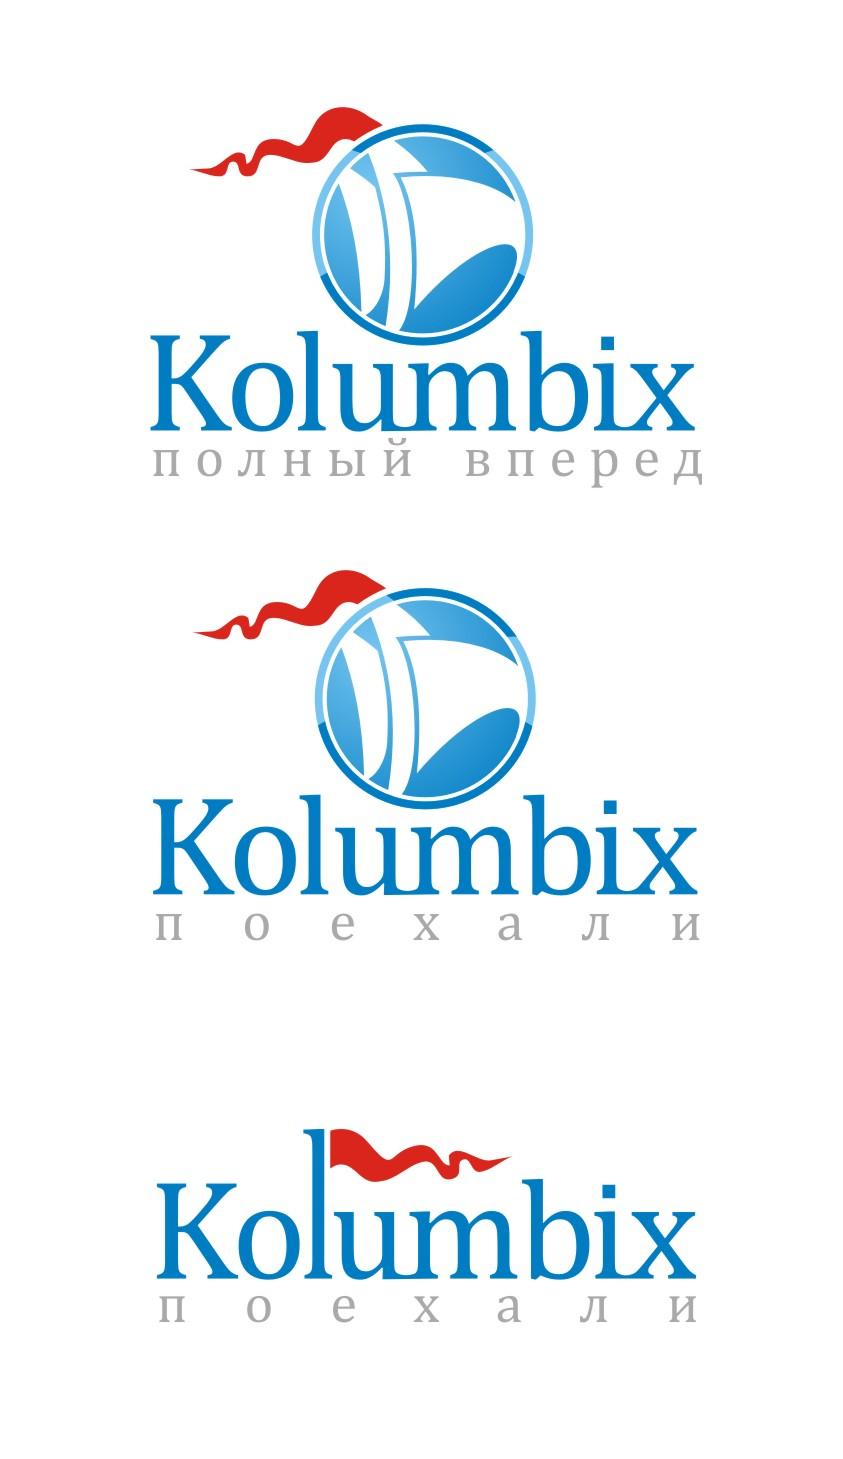 Создание логотипа для туристической фирмы Kolumbix фото f_4fb3dd28caefd.jpg